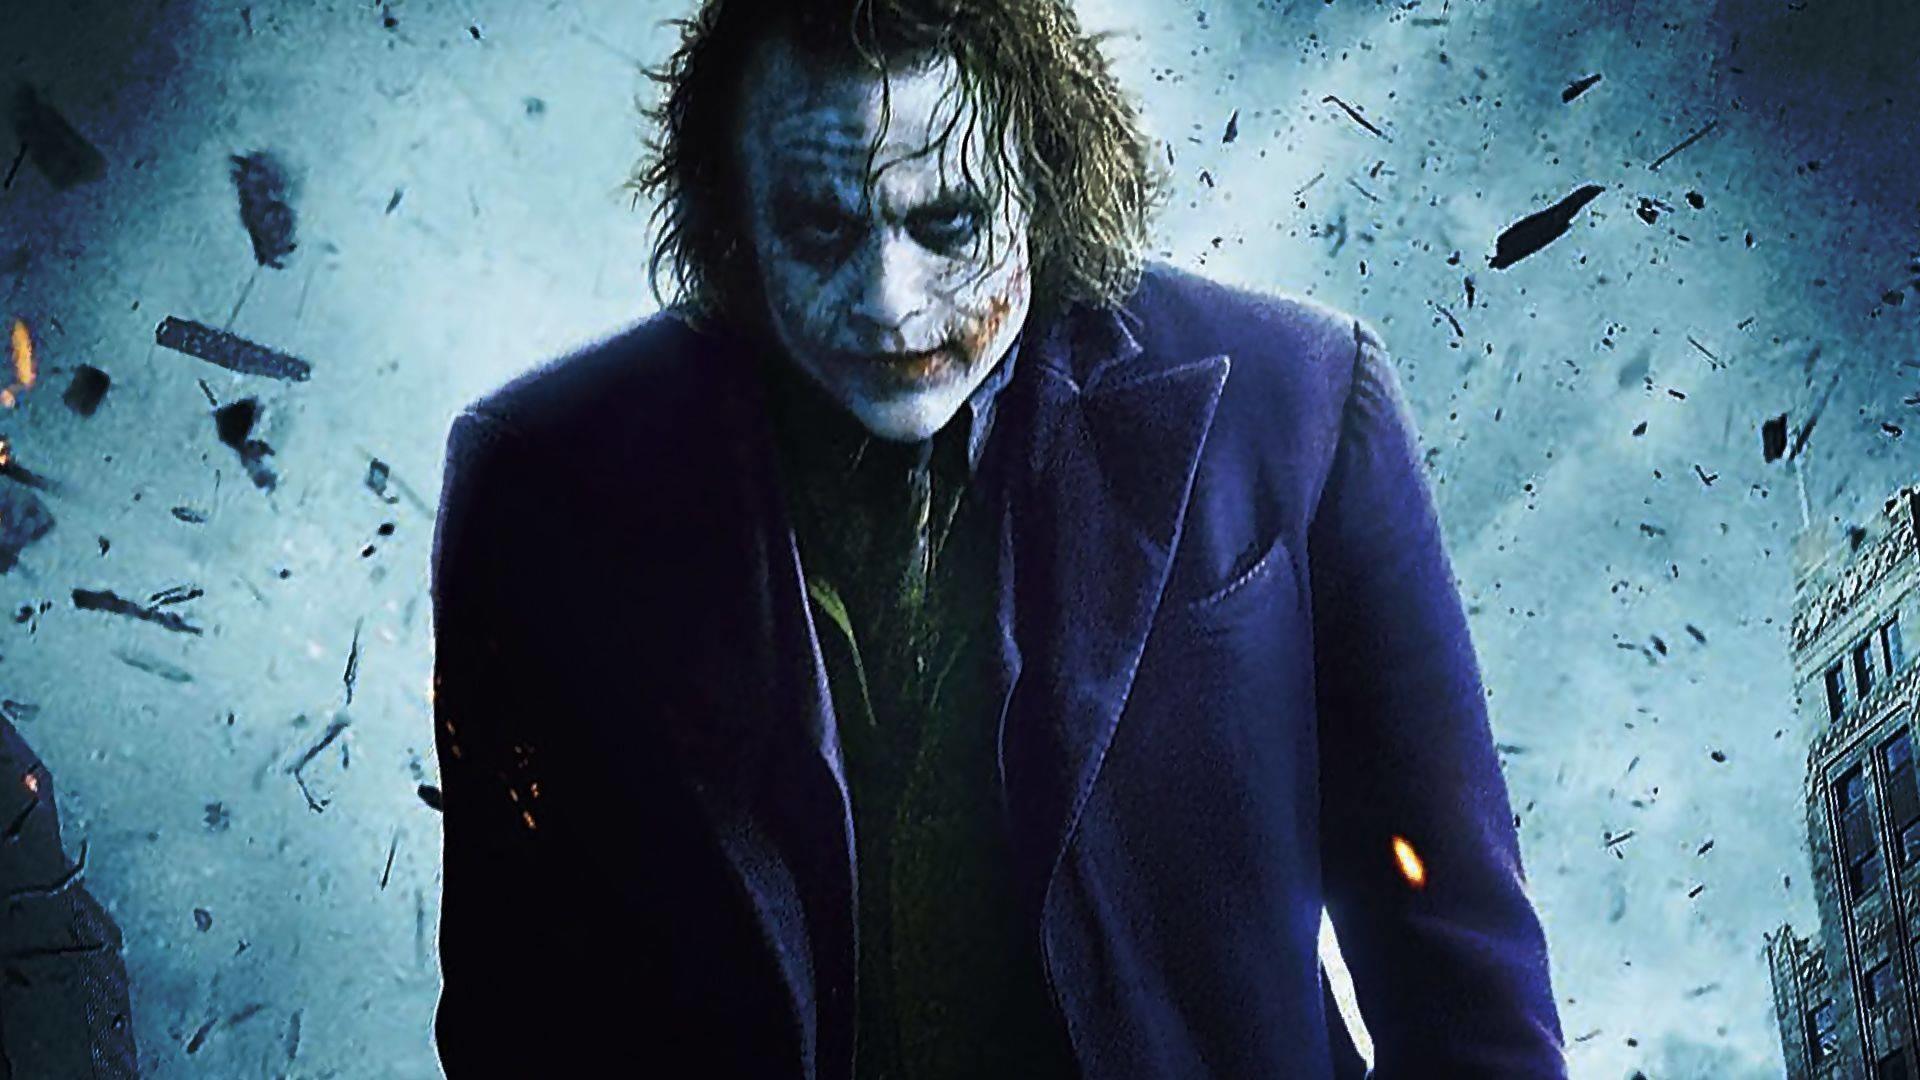 Heath Ledger Joker Wallpaper Iphone ✓ Fitrini's Wallpaper